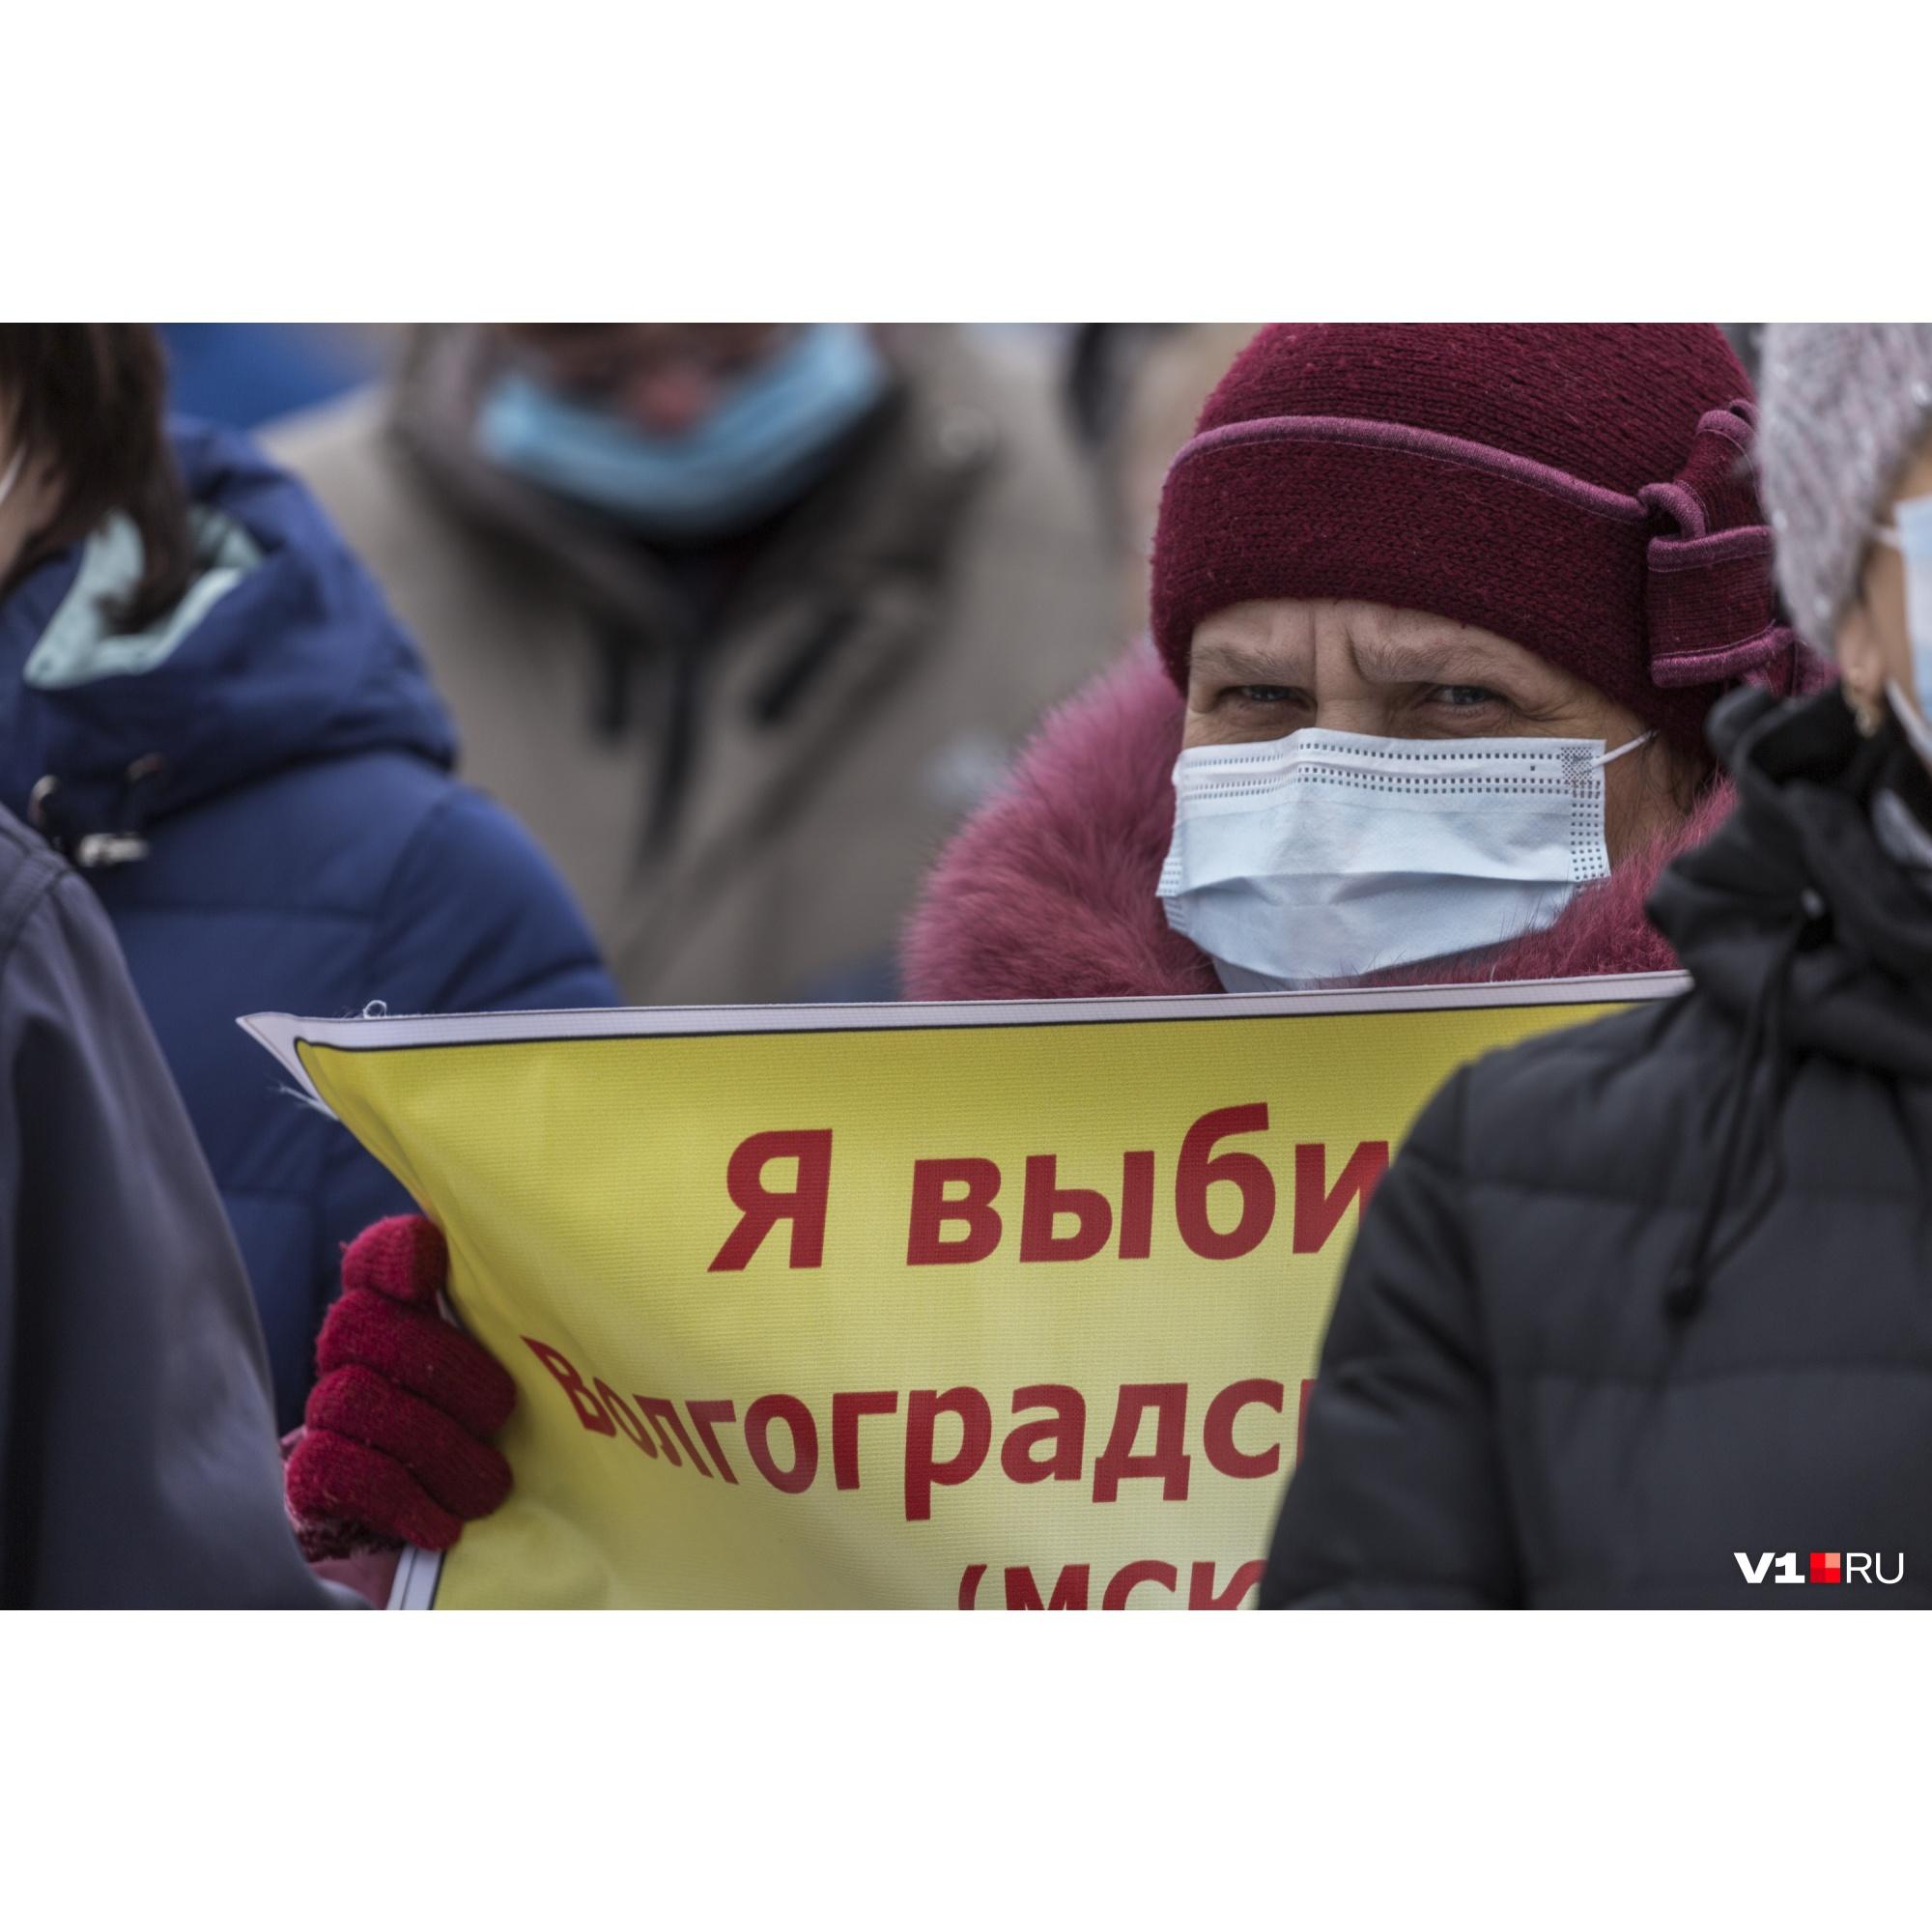 Участники митинга заявляют, что их обманули с итогами прошлого референдума